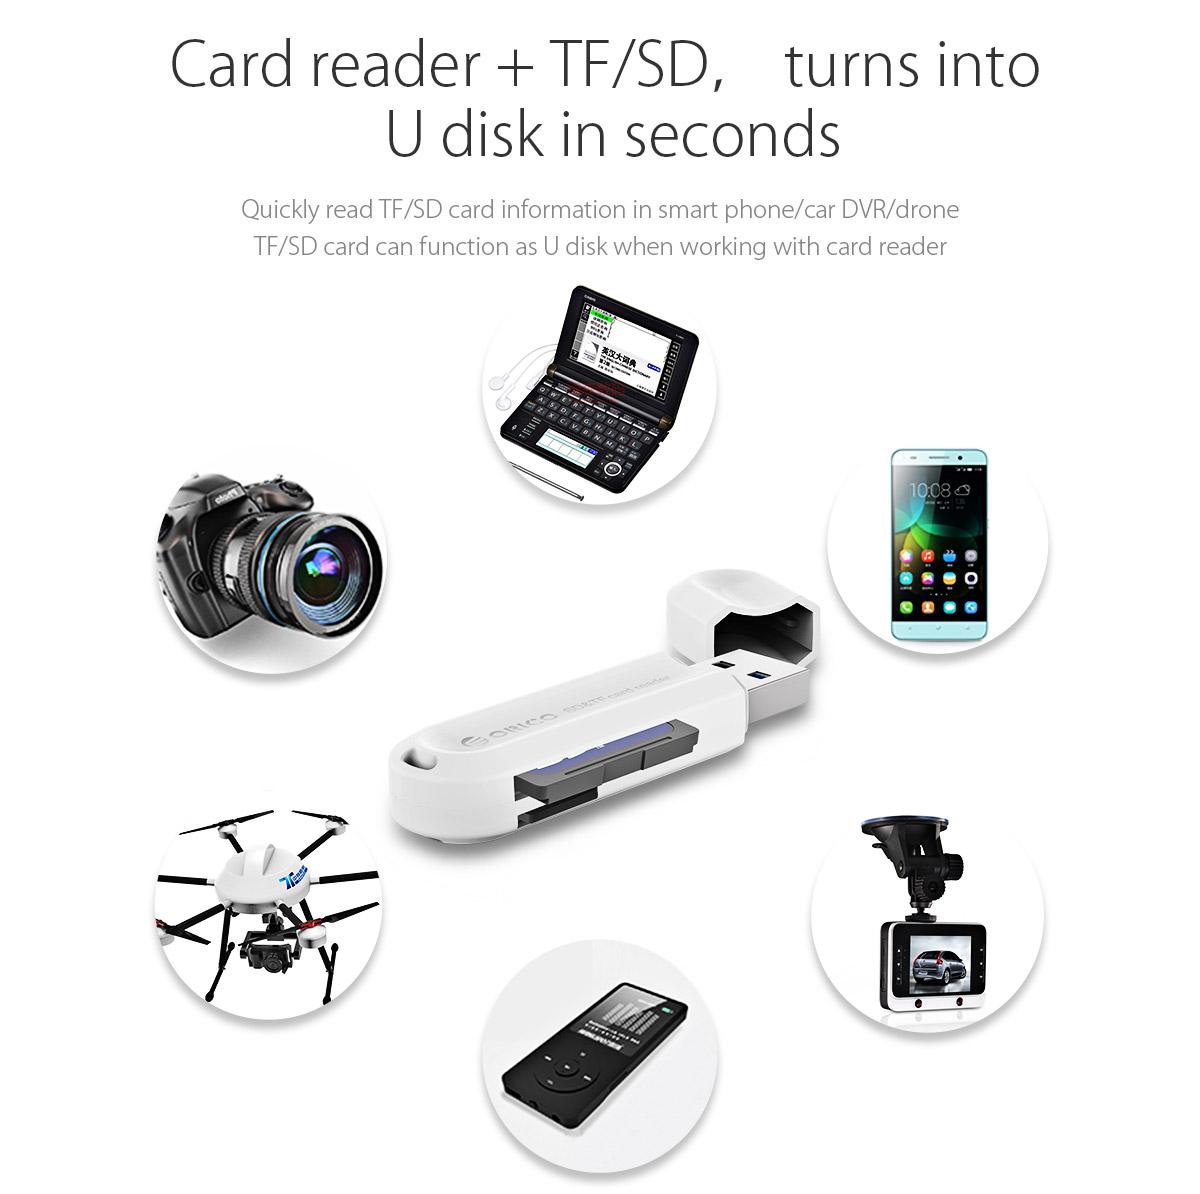 crad reader+TF/SD